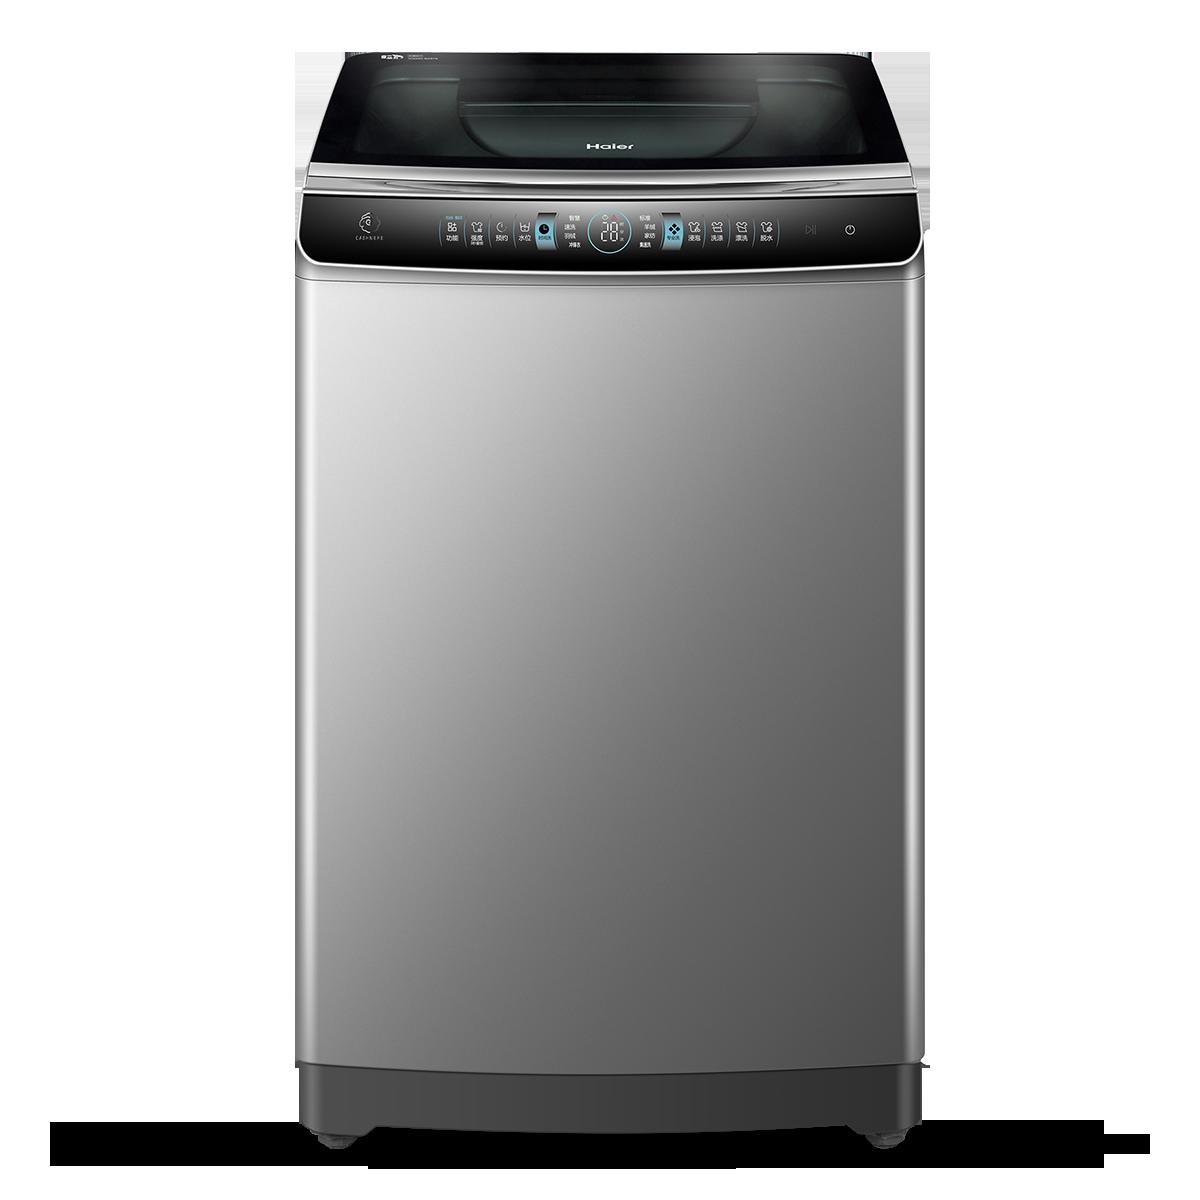 海尔Haier洗衣机 XQS90-BZ976 说明书